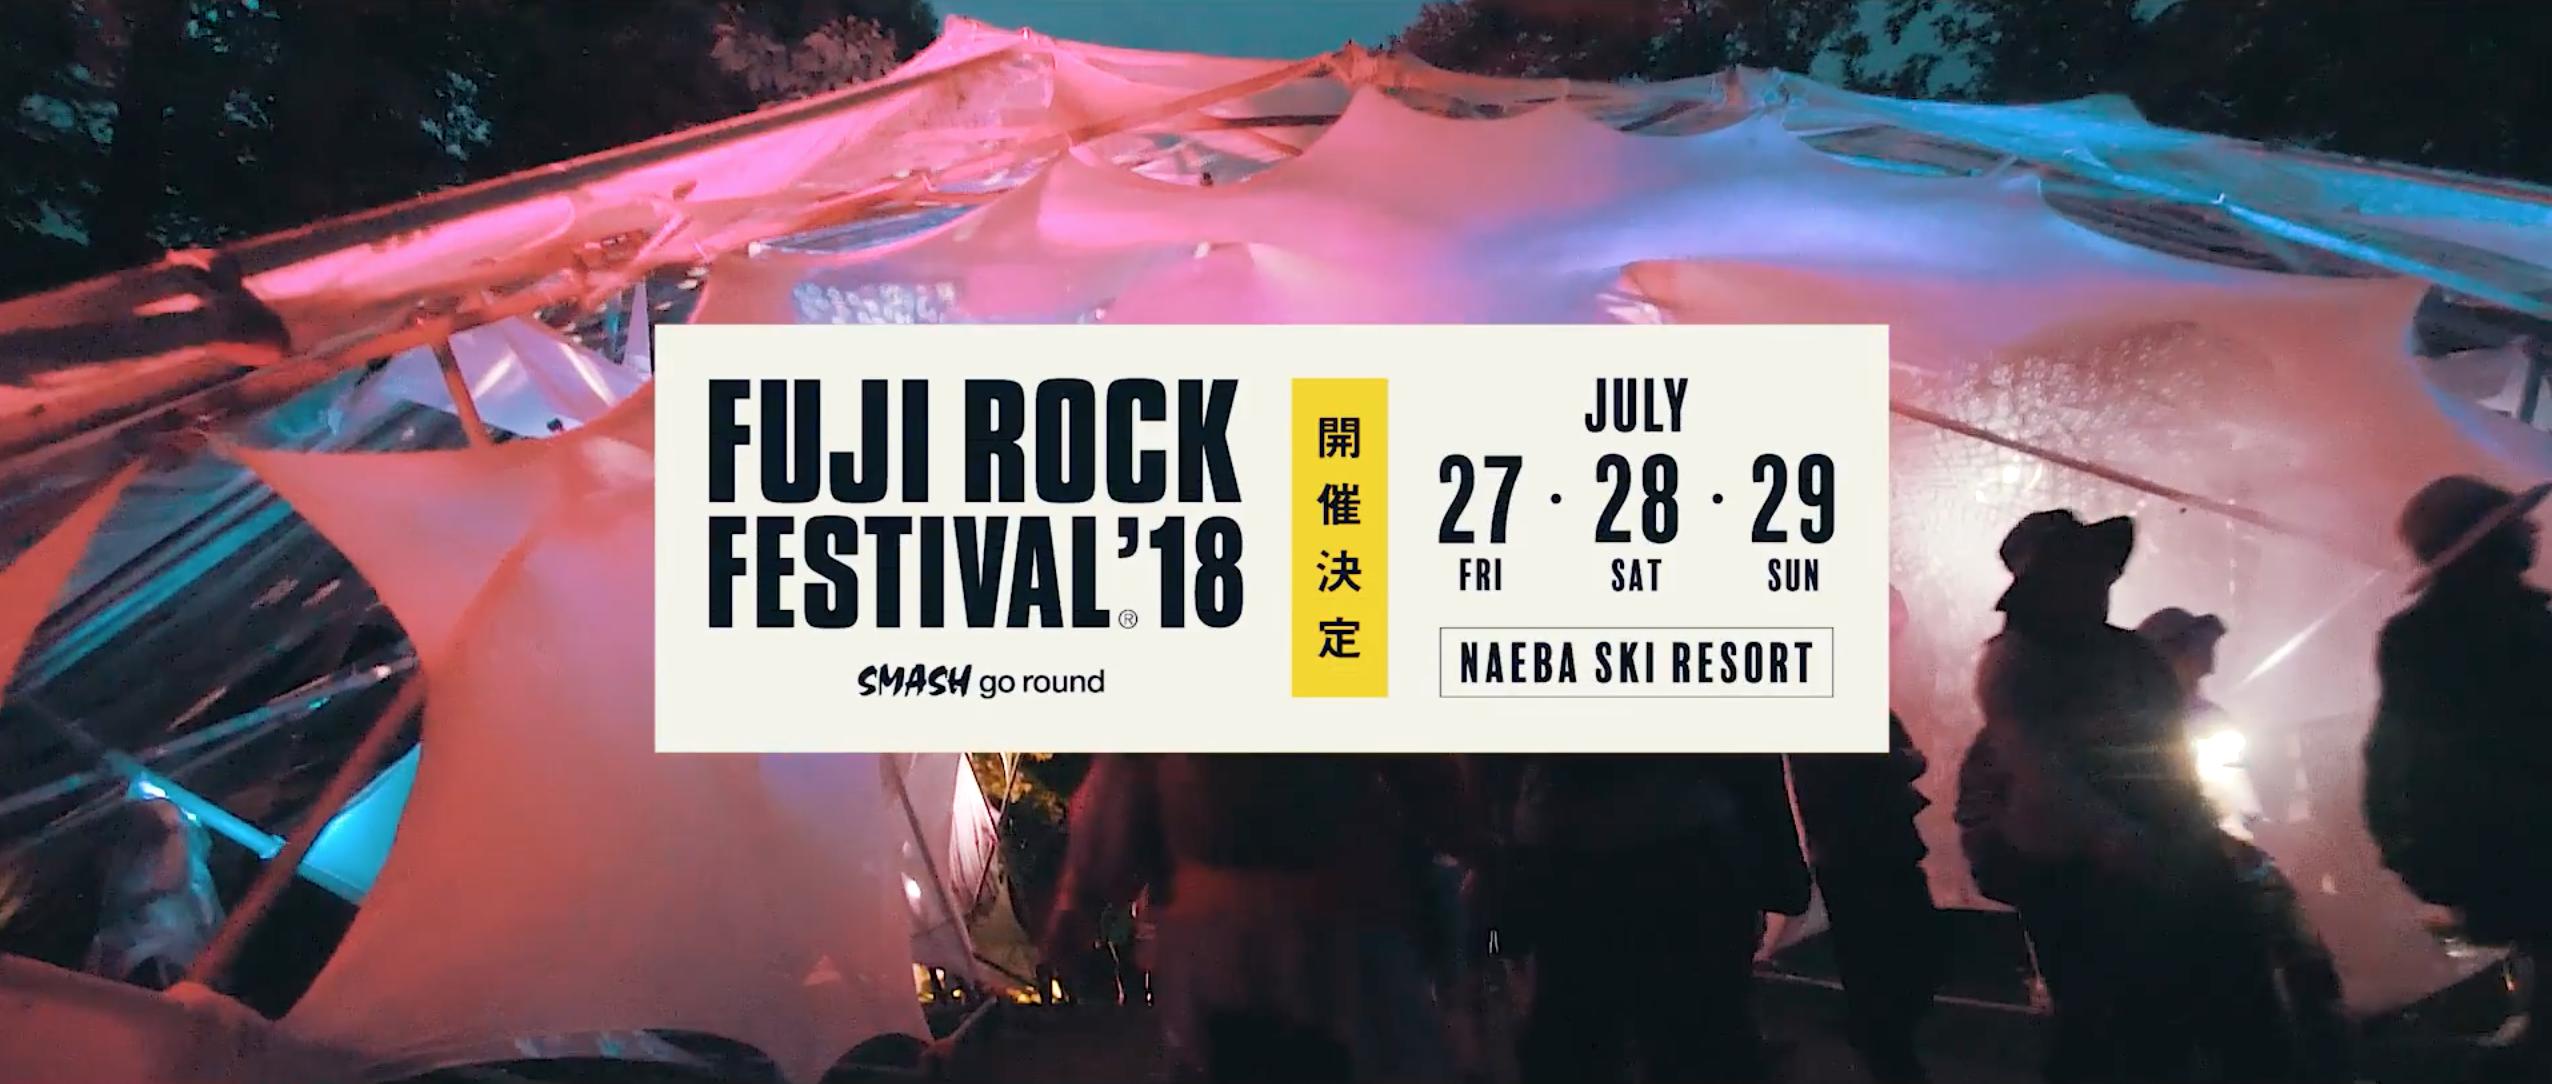 さぁ有給の準備を!FUJI ROCK FESTIVAL'18 開催日程決定!